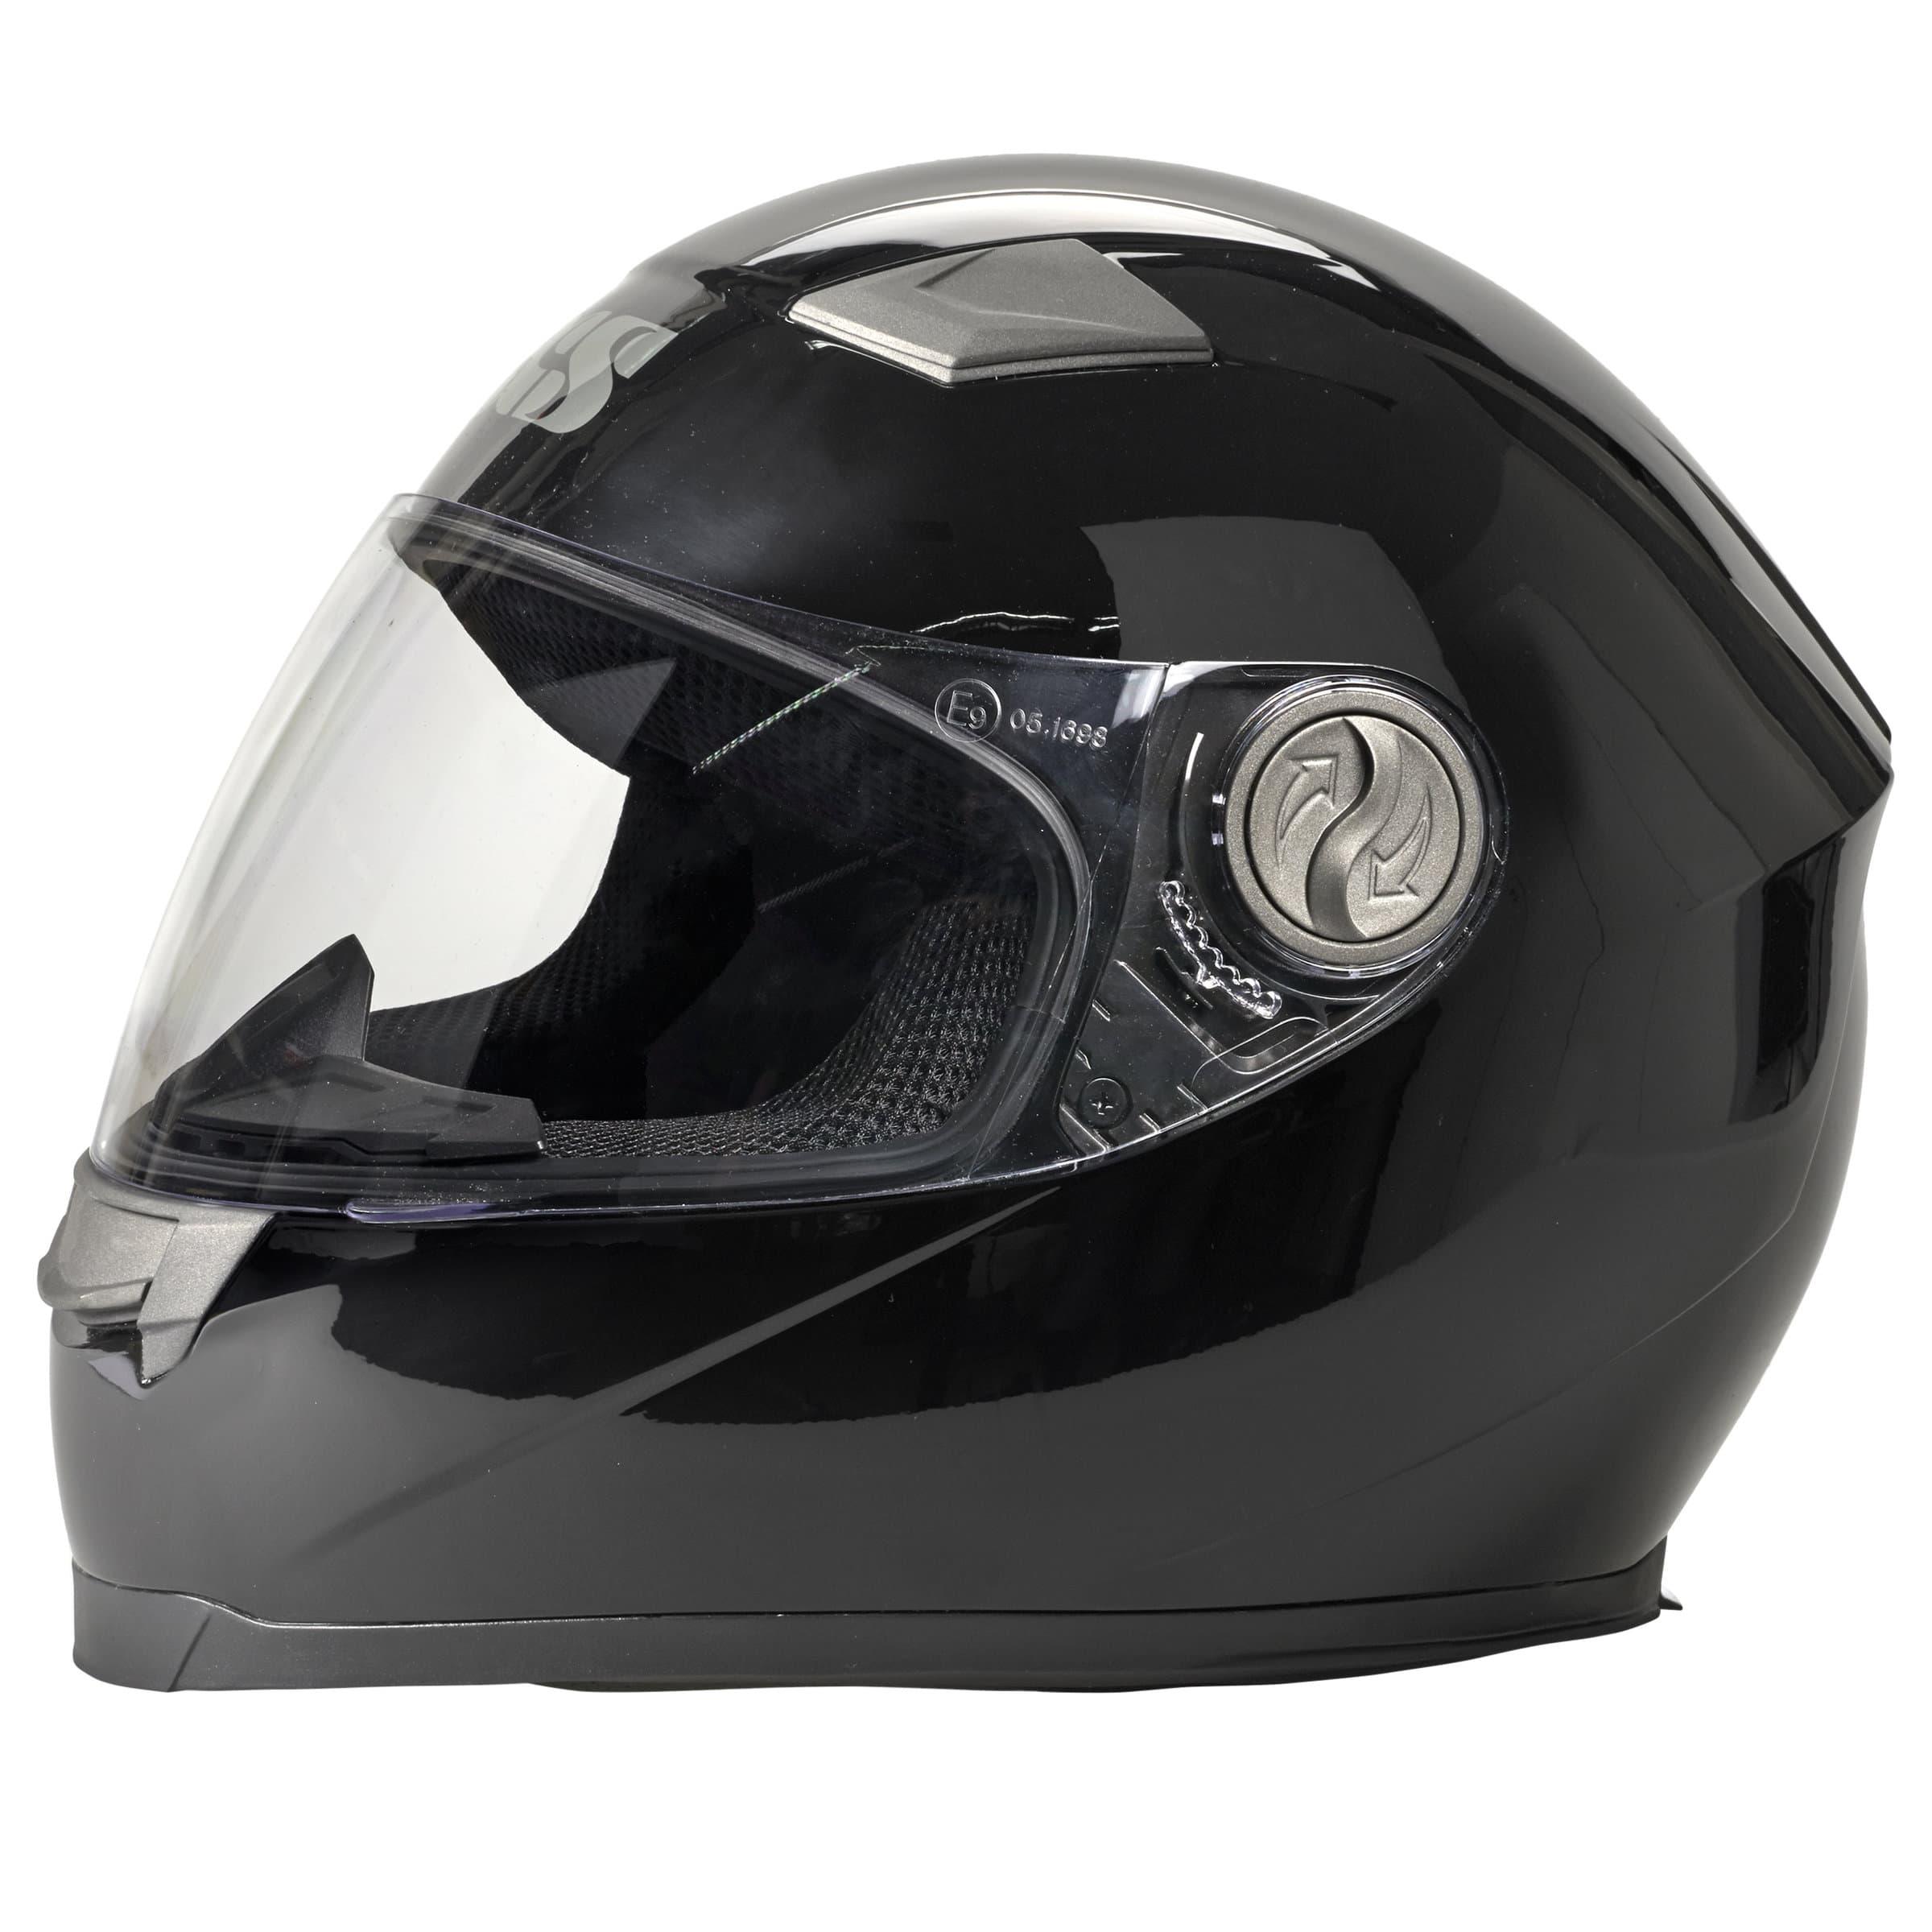 iXS HX 2500 Casque de moto intégral